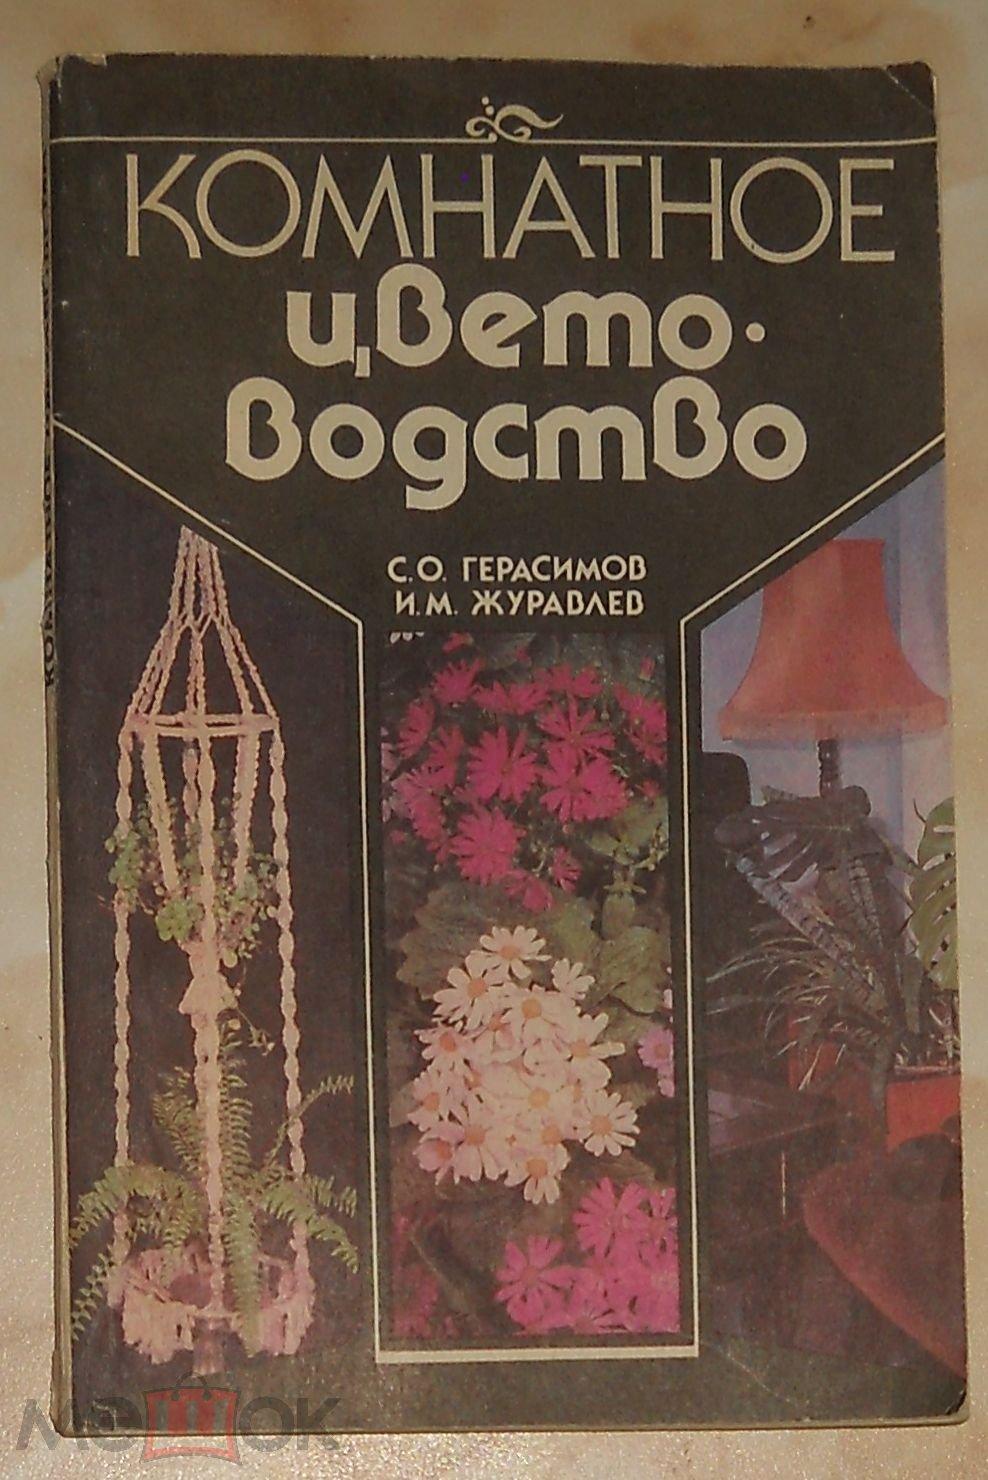 С.О. Герасимов, И.М. Журавлев. Комнатное цветоводство. 1992